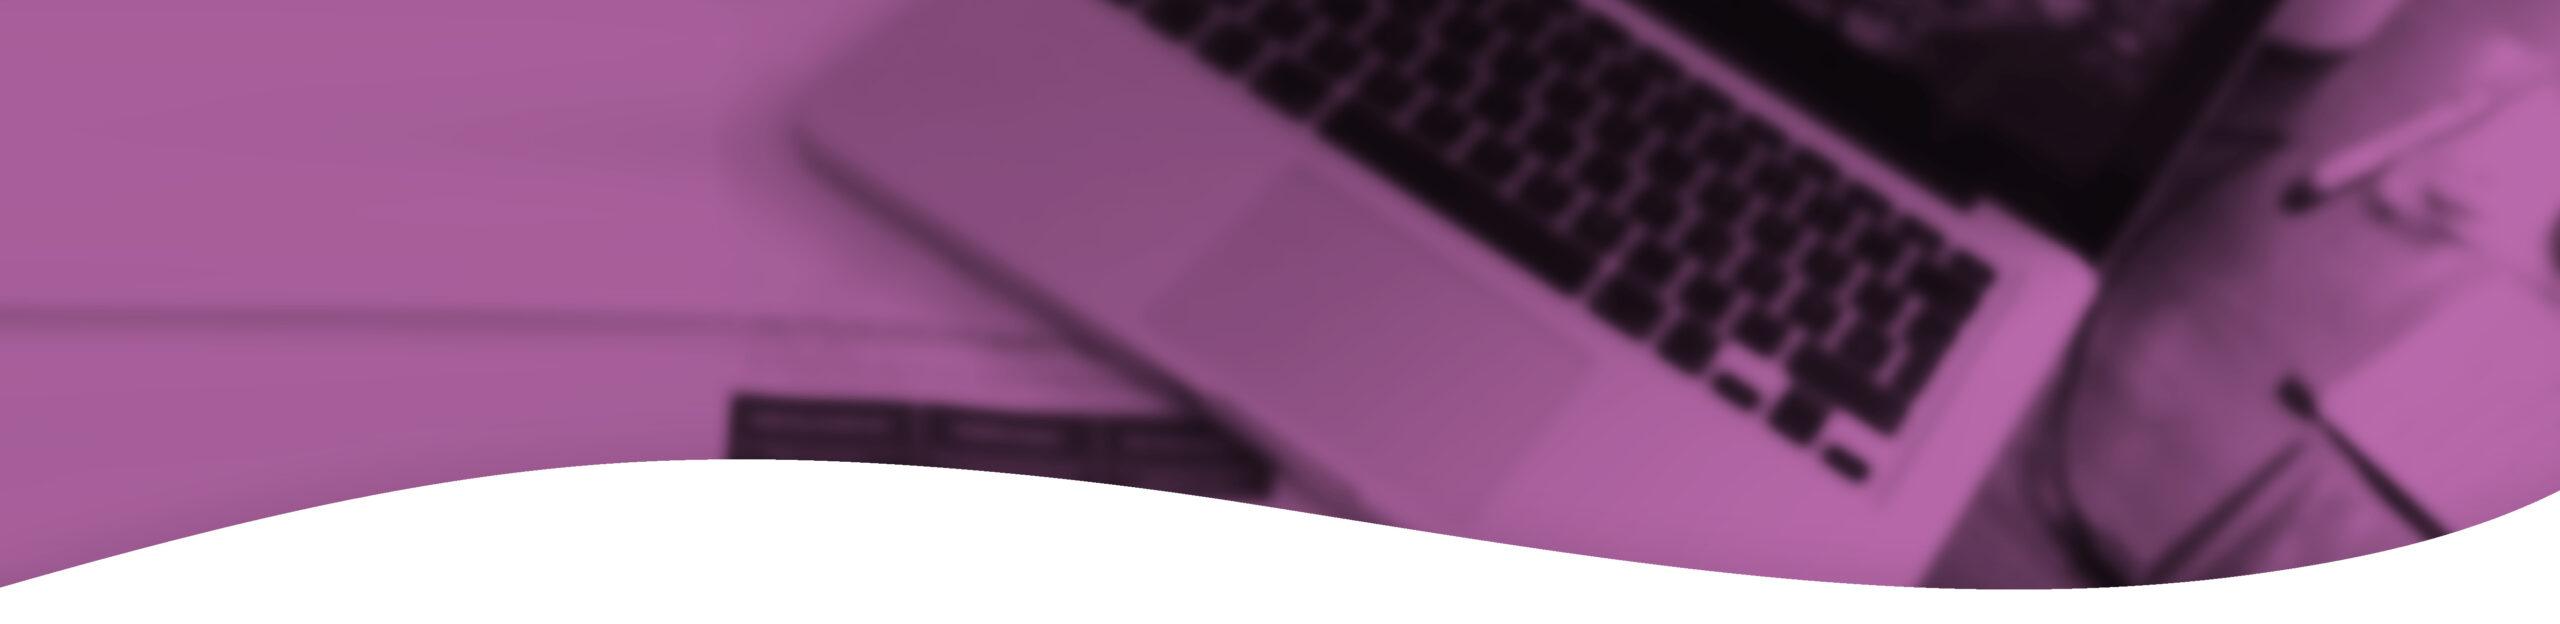 Header Information für Bewerber_MEAU DESIGN_Melanie Austermann_Illustration_Grafikdesign, aktuell keine freien Stellen oder Praktikumsplätze